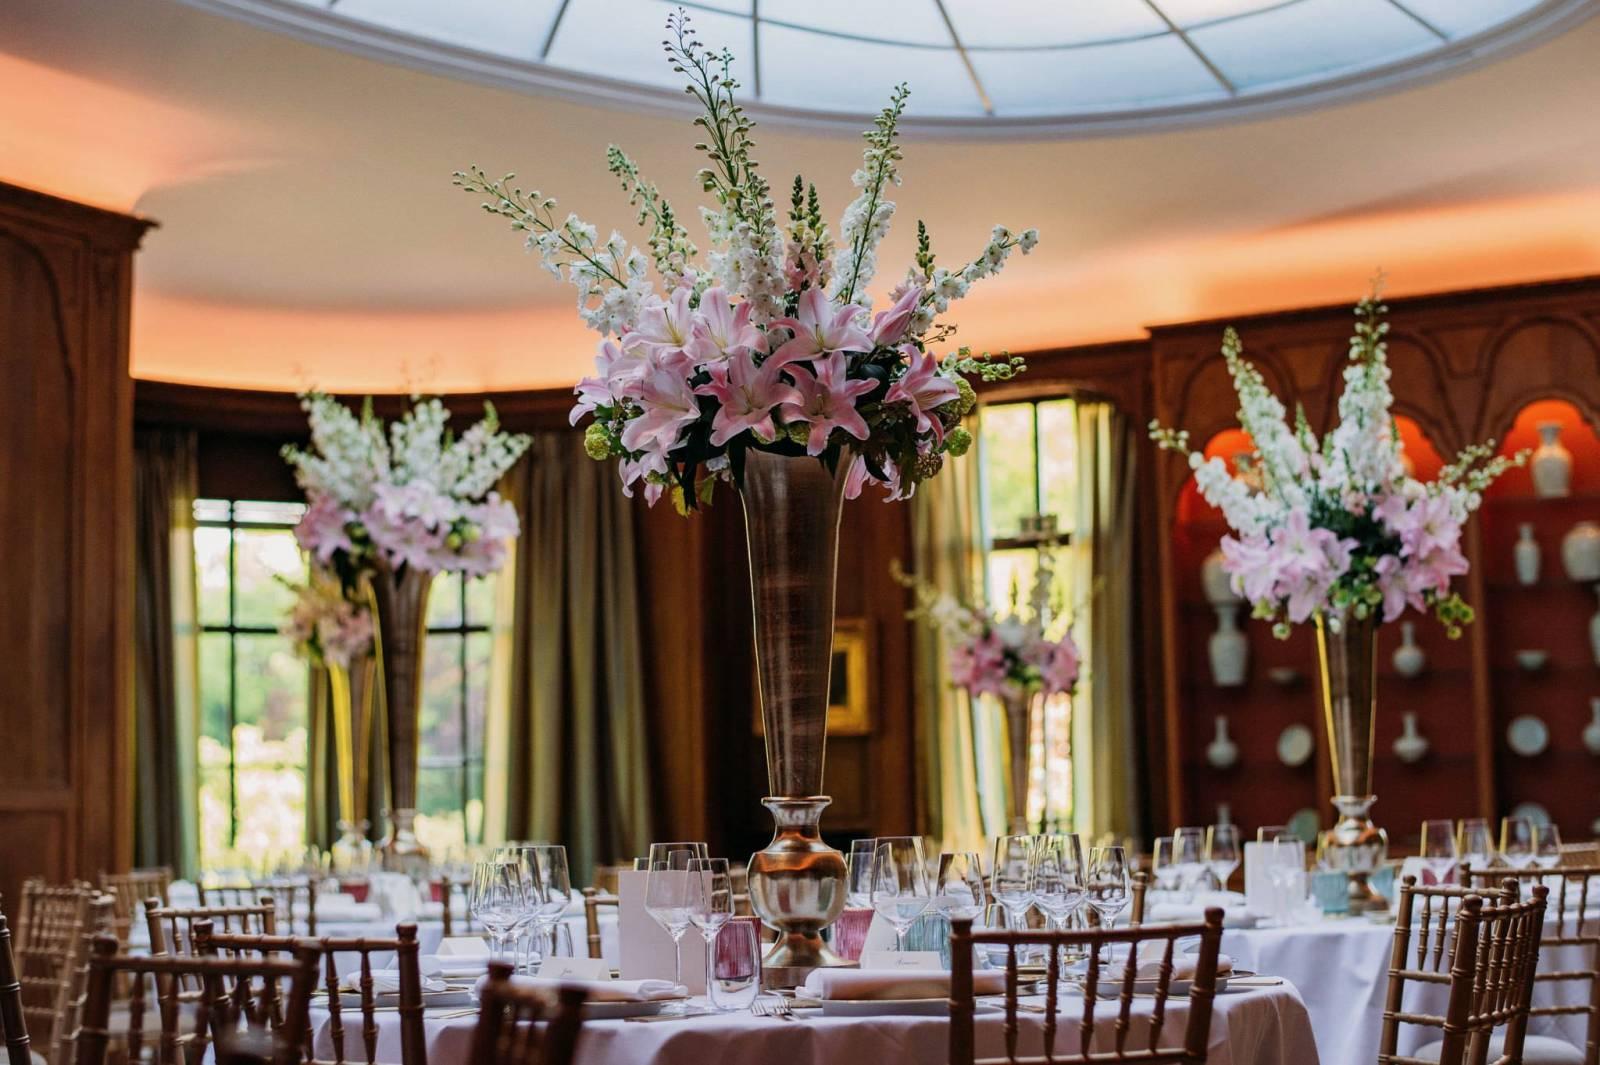 Gastronomie Nicolas - Catering - Traiteur - Trouw - Huwelijk - Bruiloft - House of Weddings - 4